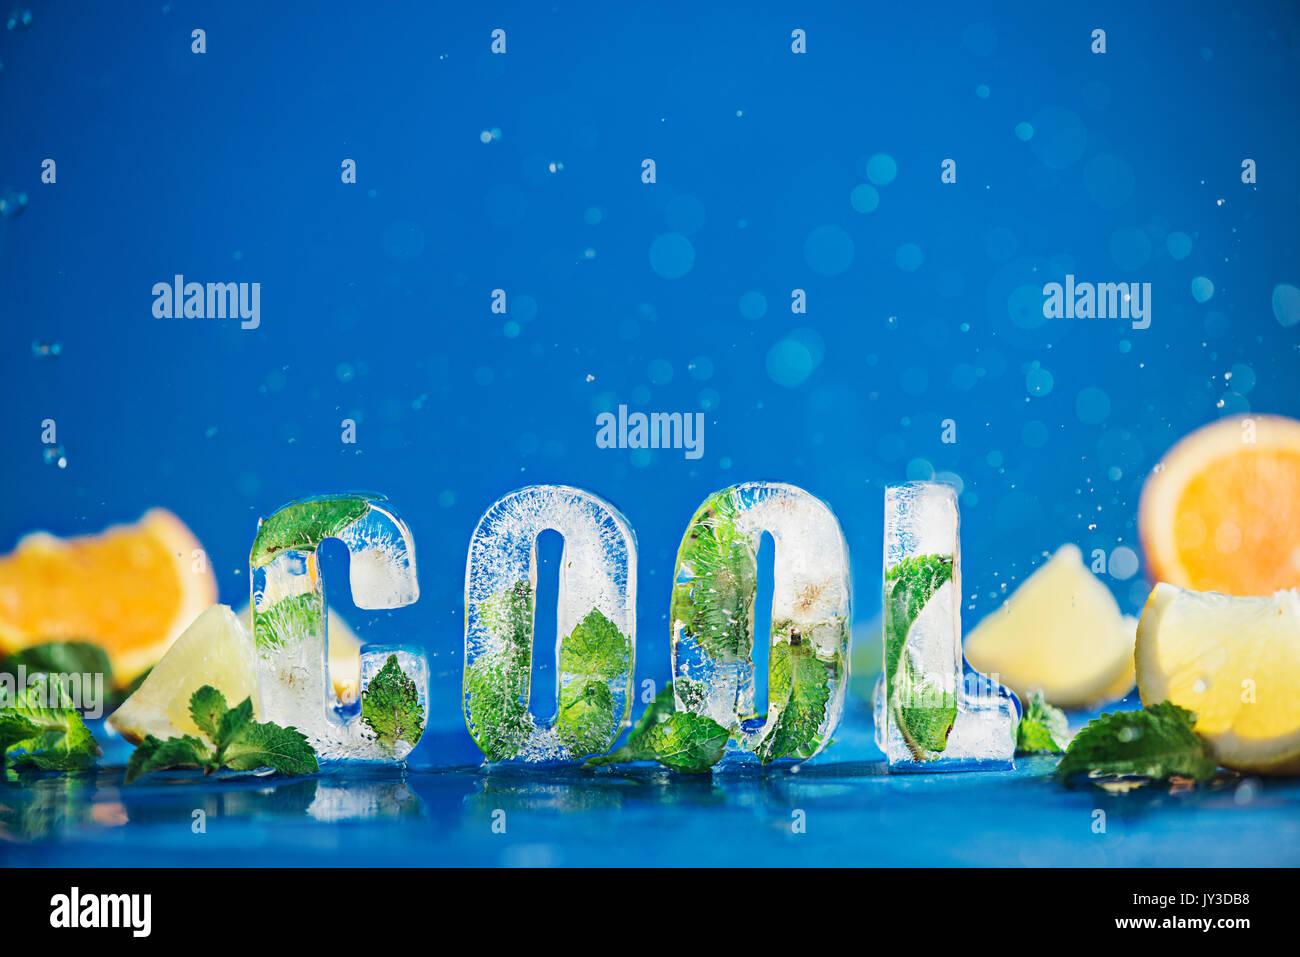 Ice Cube Schriftzug mit gefrorenen Minze, Zitronenscheiben und Orangen auf einem blauen Hintergrund mit Wasser spritzt. Stockbild